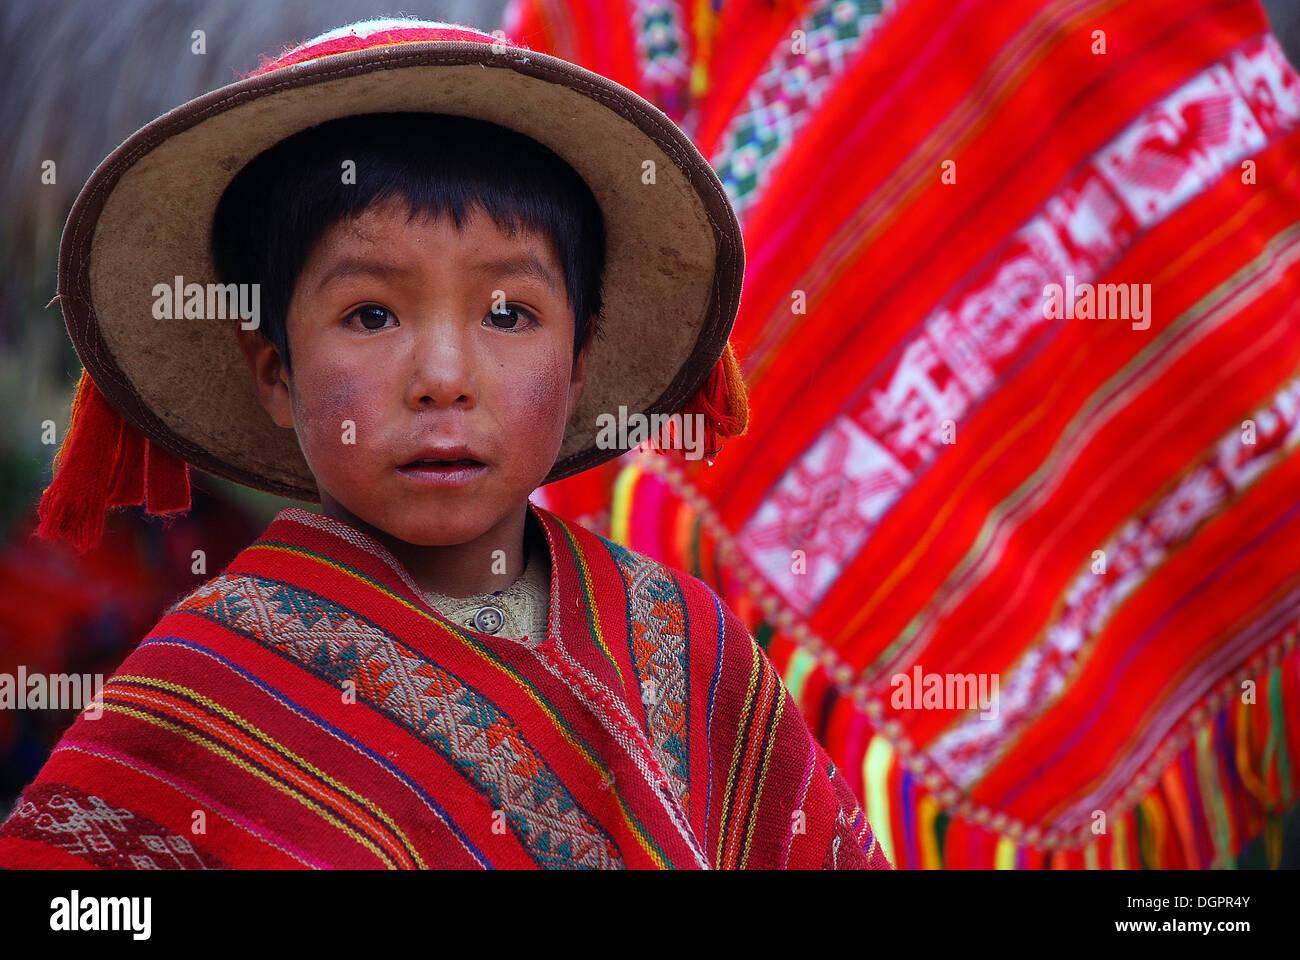 Little Indian boy wearing colourful festive costume near Cusco or Cuzco Peru South America  sc 1 st  Alamy & Little Indian boy wearing colourful festive costume near Cusco or ...